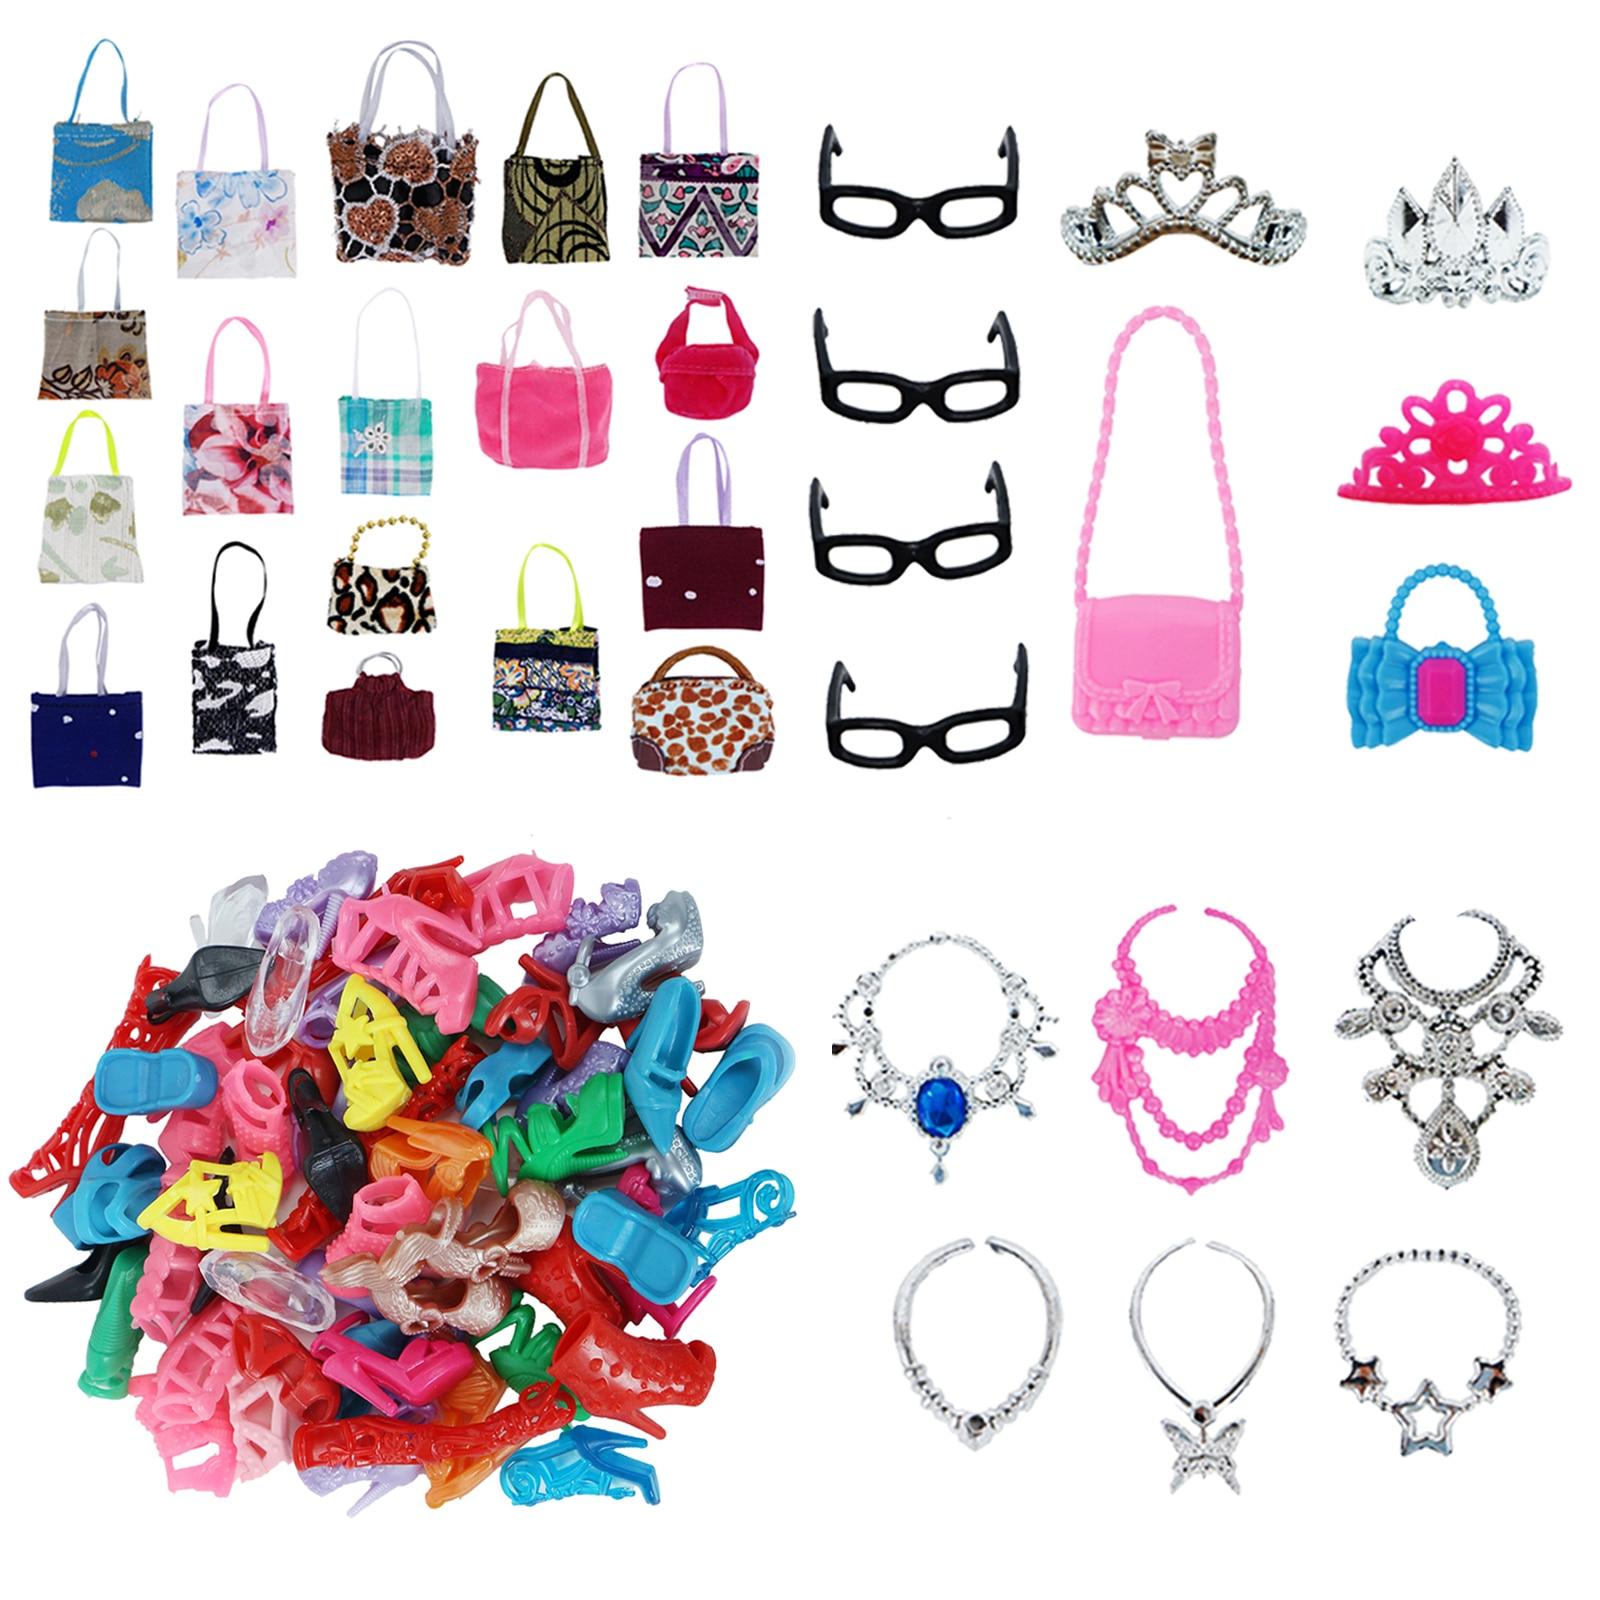 30 Pcs/Lot = Random 10 Shoes + 7 Bags + 6 Necklaces + 3 Crowns + 4 Glasses Princess Clothes For Barbie Doll Accessories Toy Set